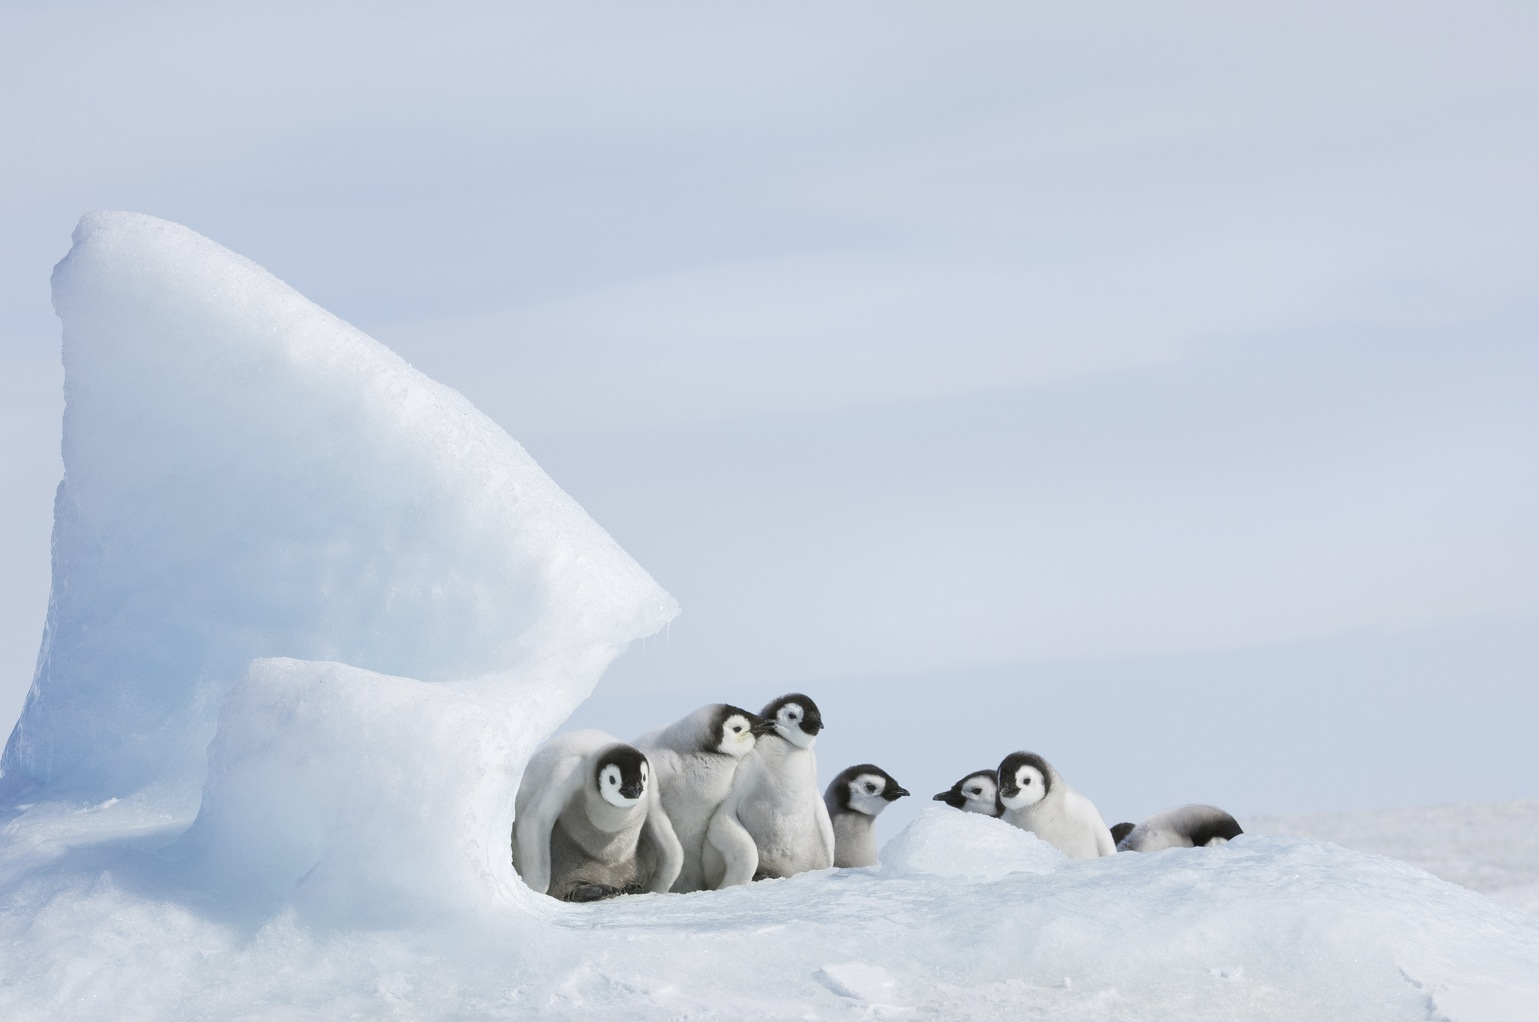 Császárpingvinfiókák óvodája az Antarktiszon. (Fotó: AFP)